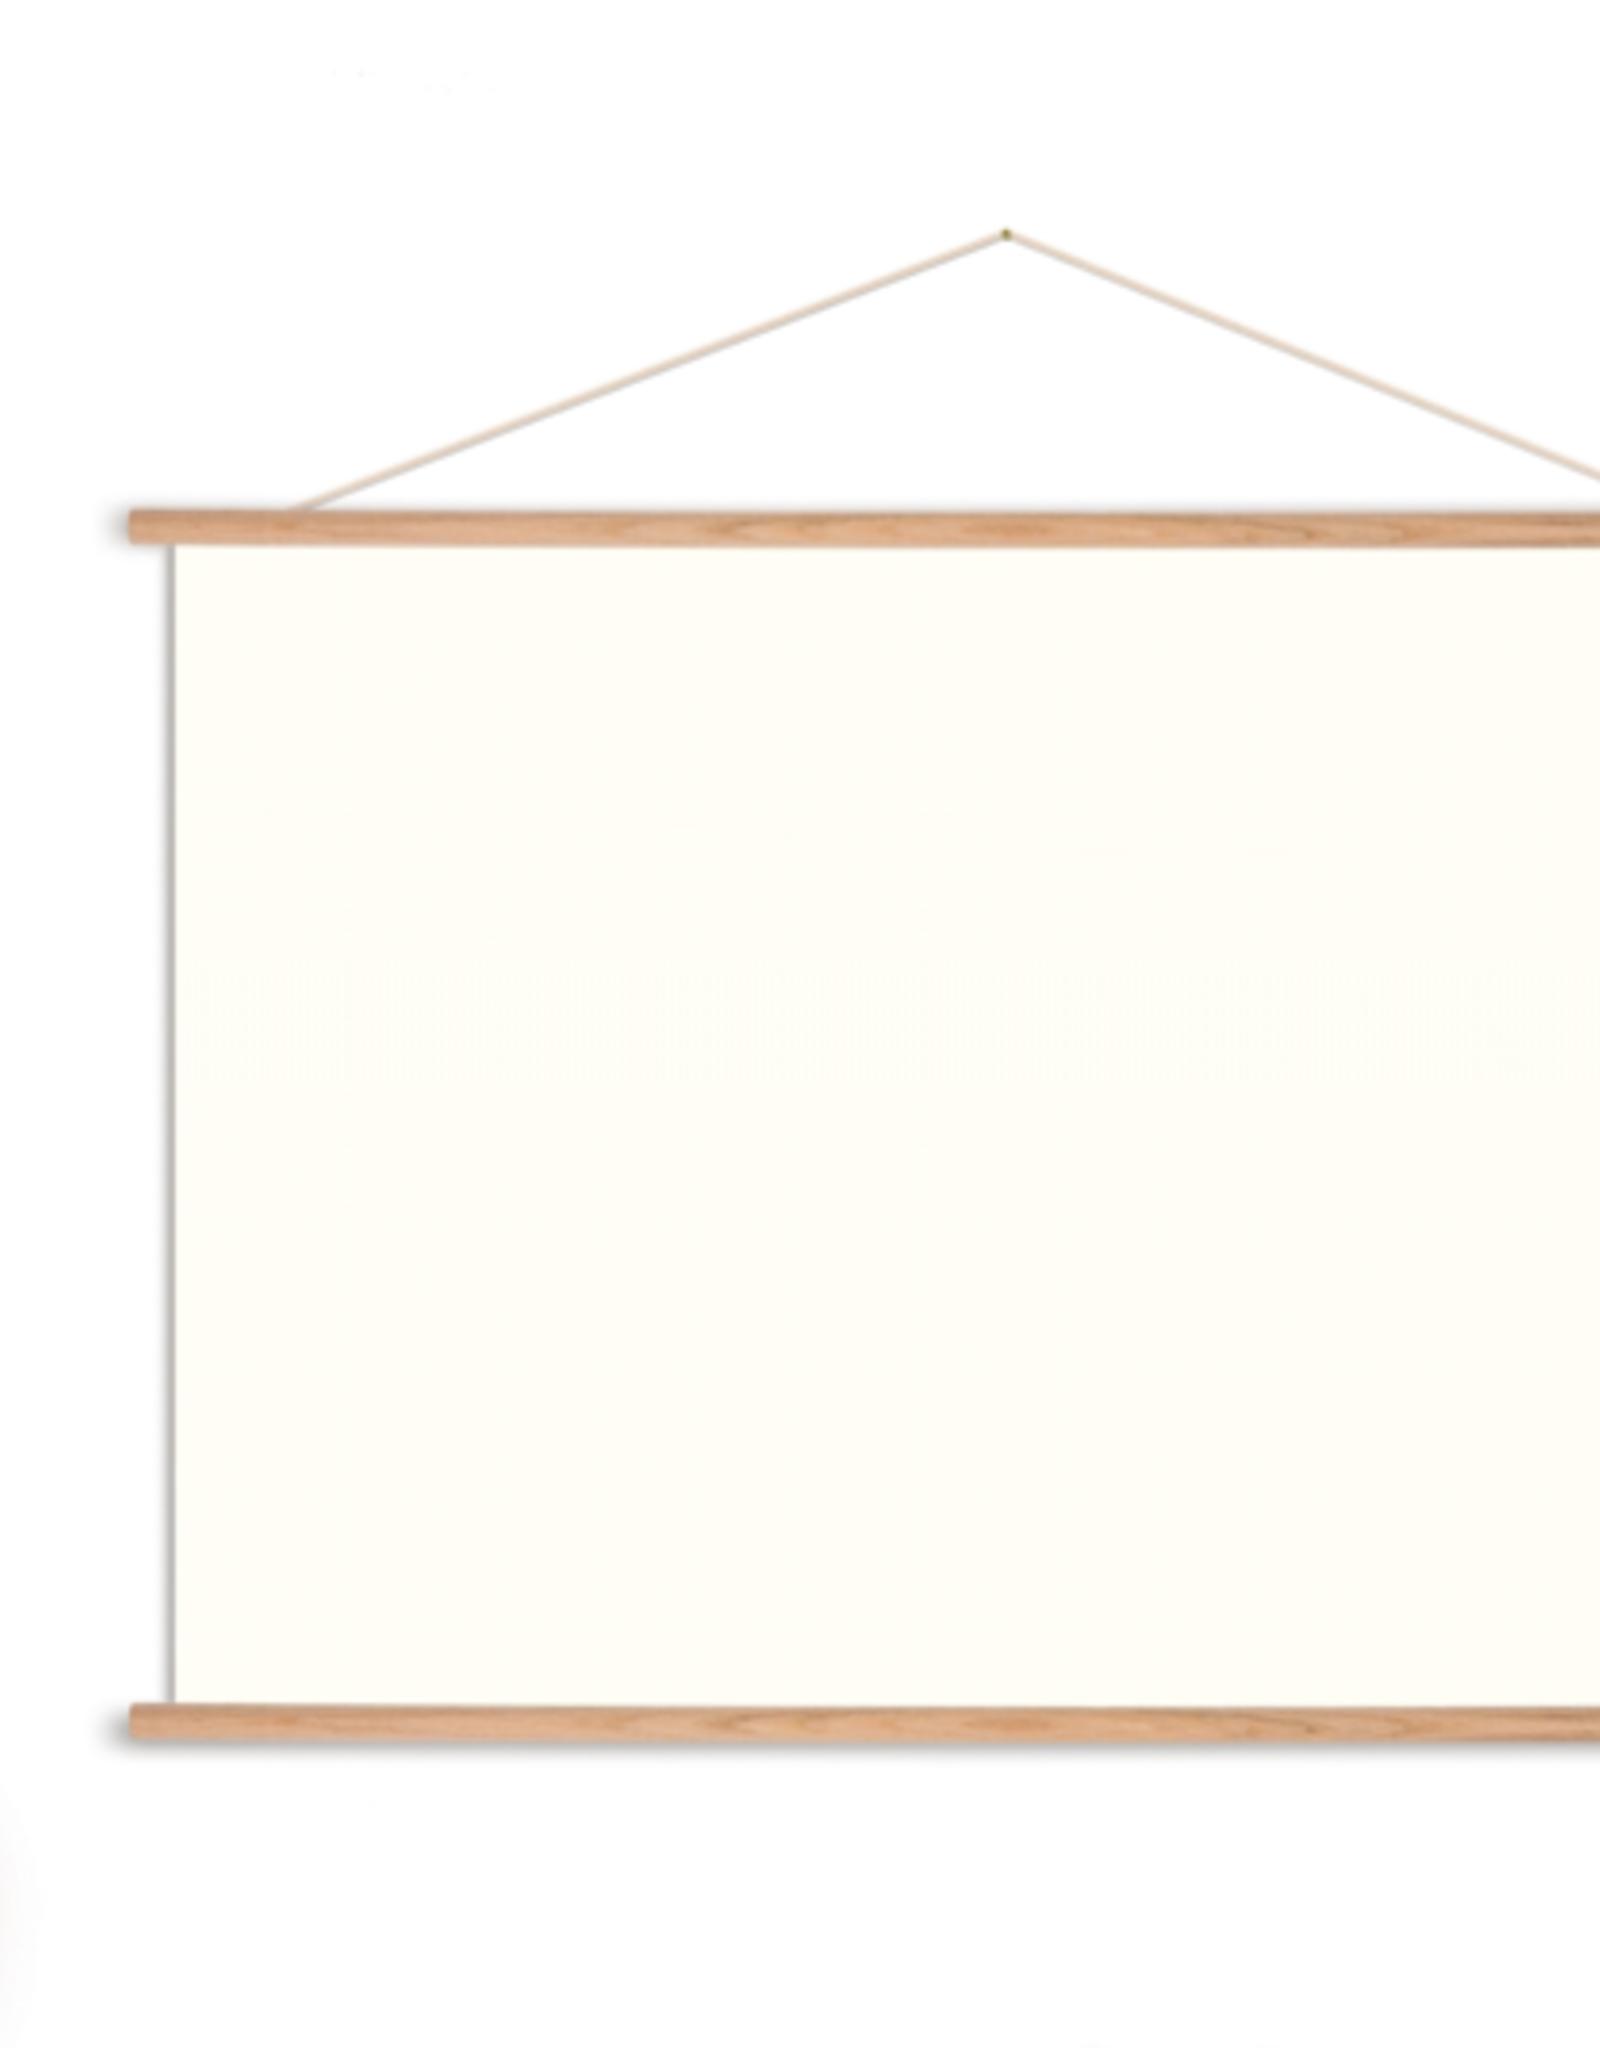 DIY Poster Hanging Kit - Horizontal